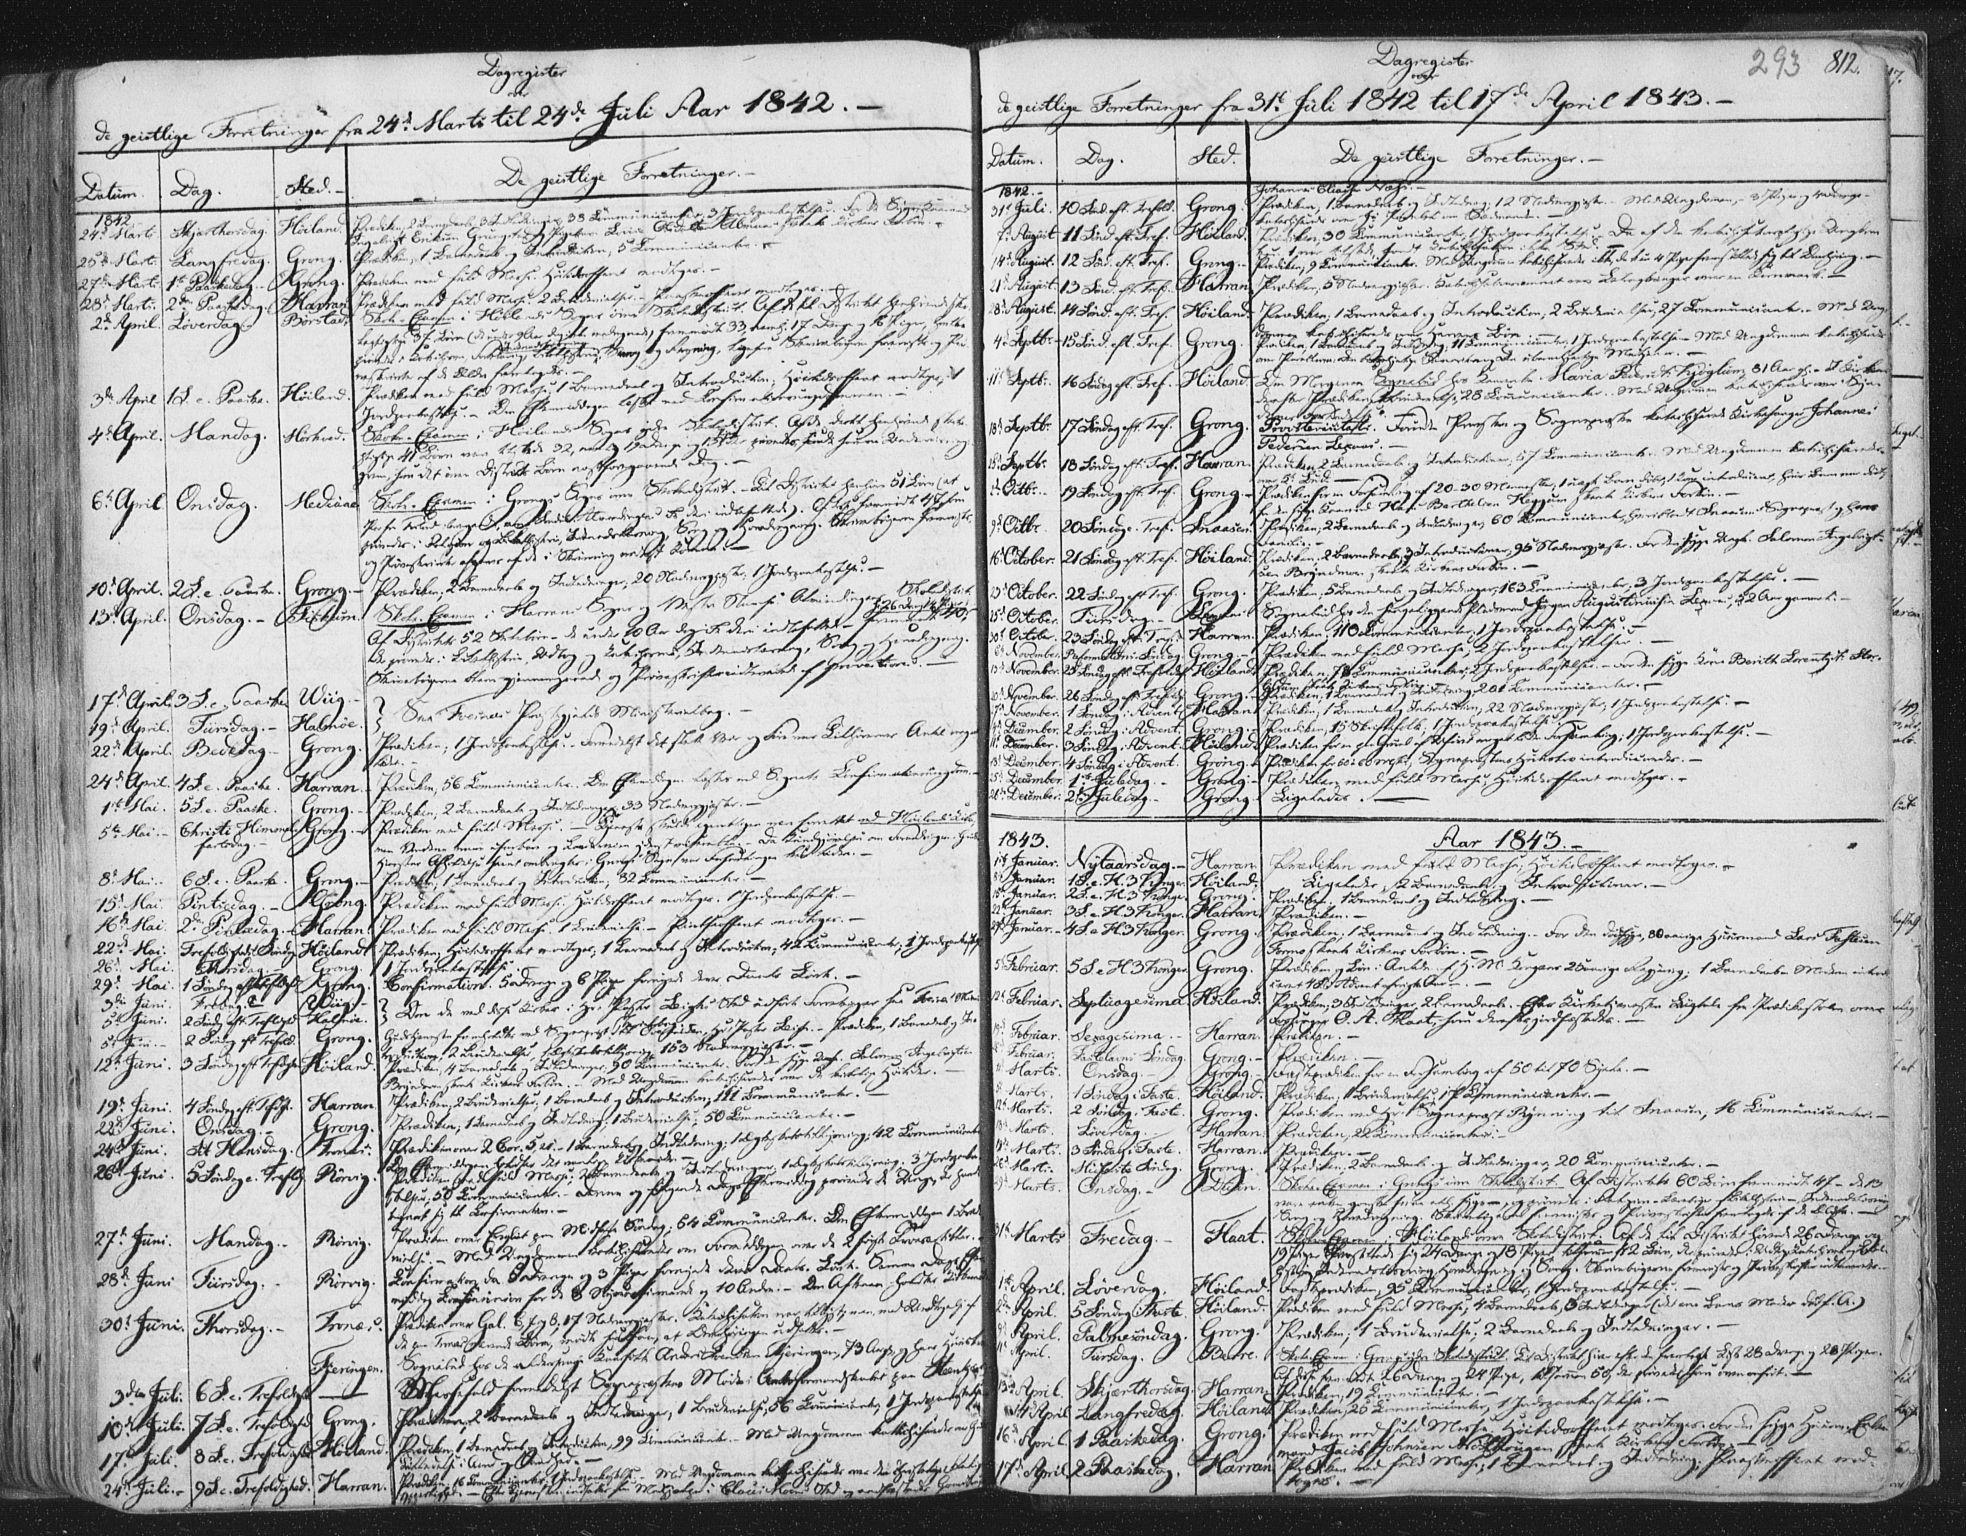 SAT, Ministerialprotokoller, klokkerbøker og fødselsregistre - Nord-Trøndelag, 758/L0513: Ministerialbok nr. 758A02 /1, 1839-1868, s. 293